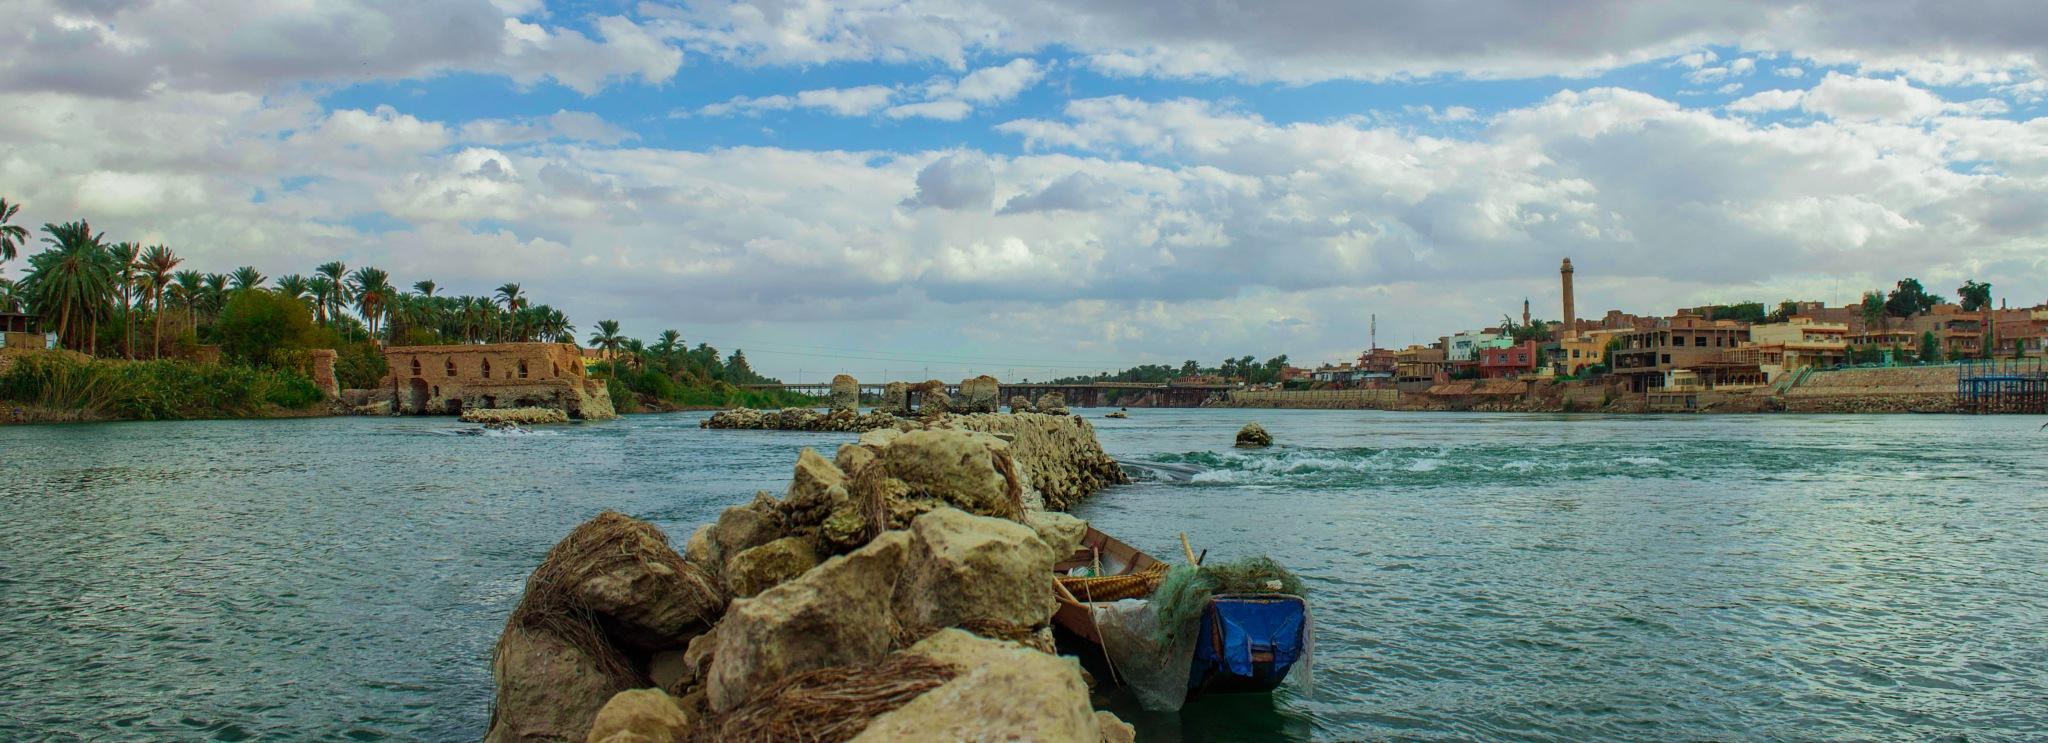 River of Beauty by Ammar SH Heety